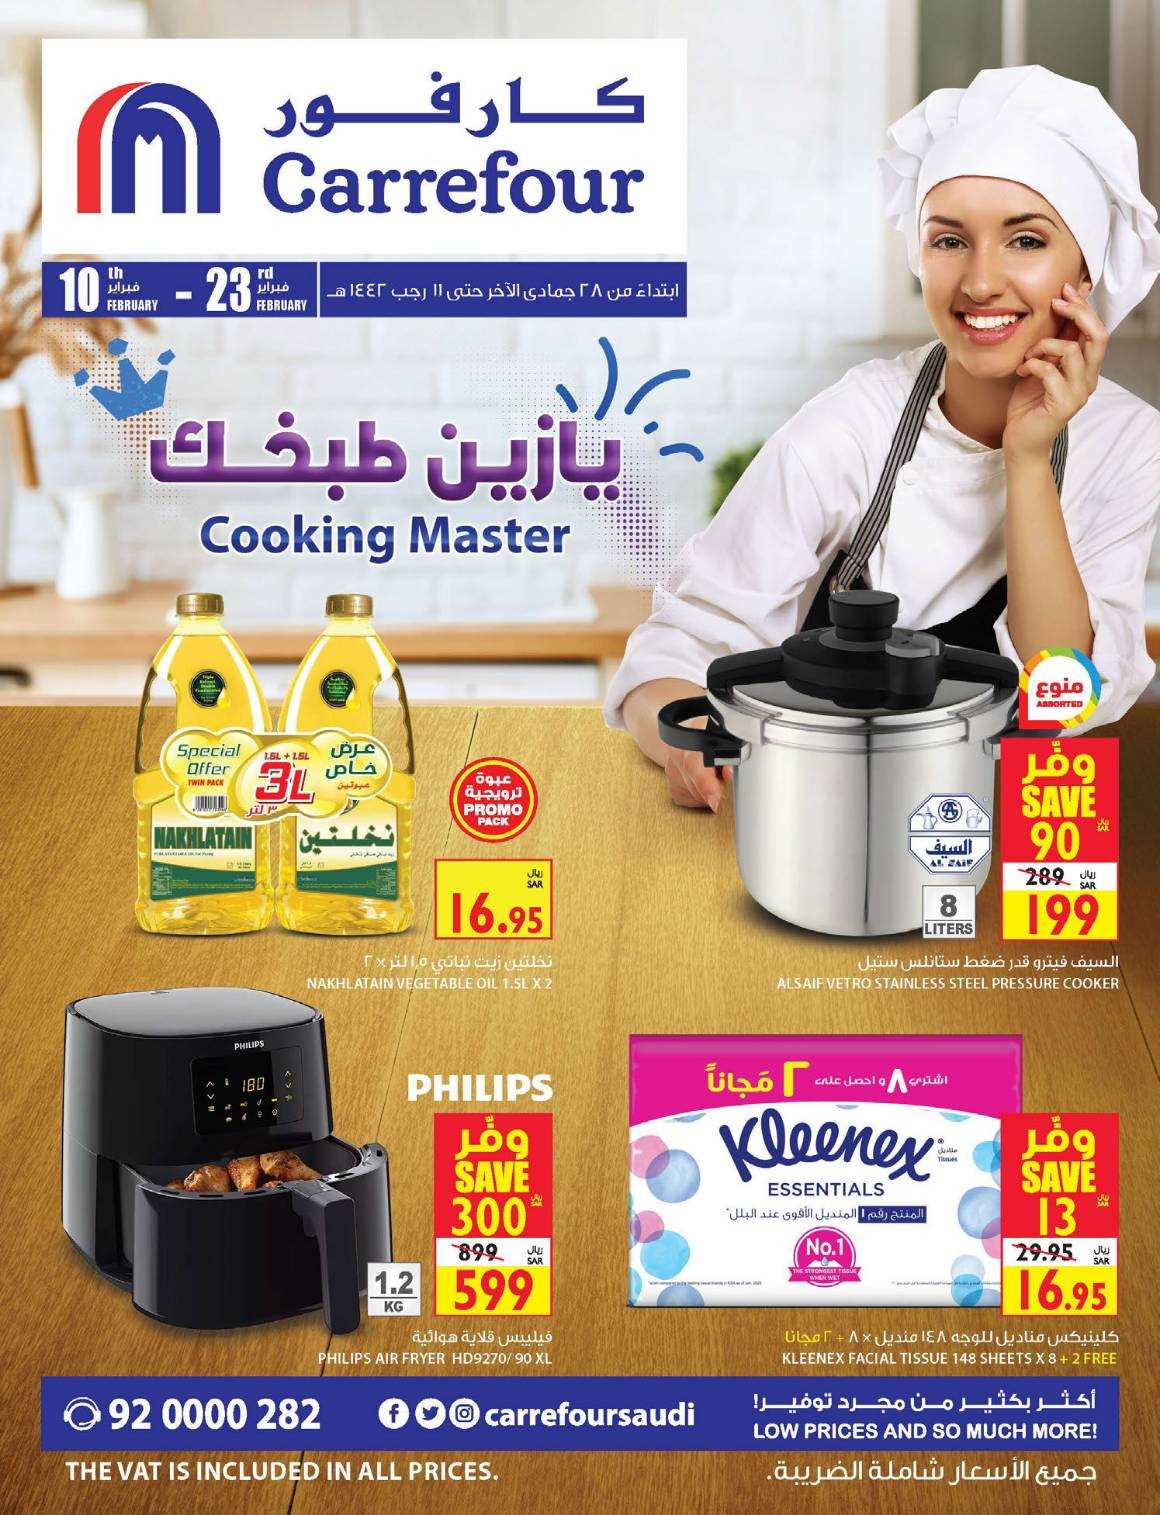 عروض كارفور السعودية اليوم 17 فبراير حتى 23 فبراير 2021 يازين طبخك